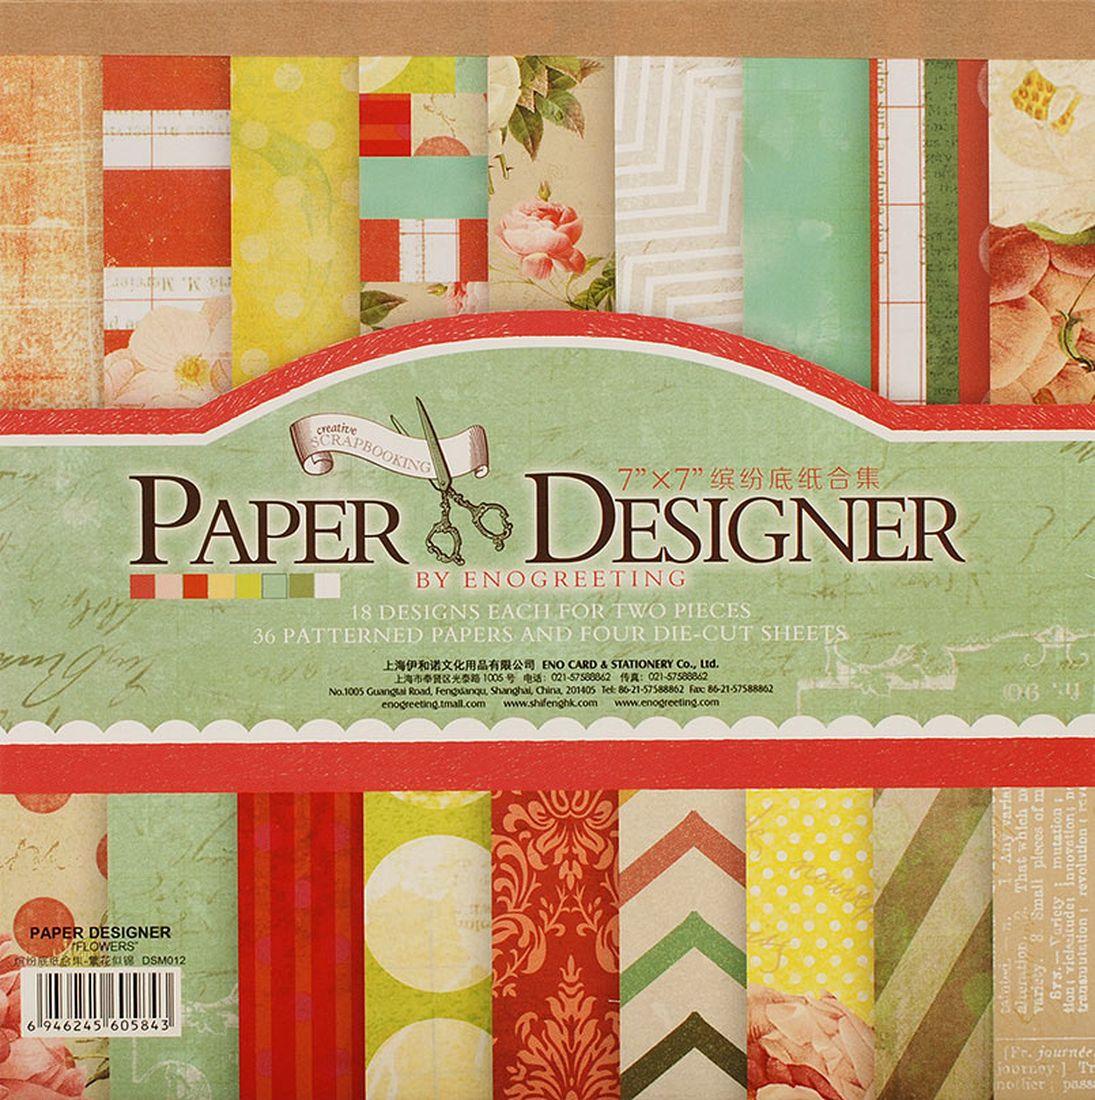 Набор бумаги для скрапбукинга Белоснежка Яркие цветы, 17,5 x 17,5 см, 36 листовRSP-202SНабор бумаги для скрапбукинга Яркие цветы позволит создать красивый альбом, фоторамку или открытку ручной работы, оформить подарок или аппликацию.Набор включает 36 листов из плотной бумаги: 18 дизайнов по 2 листа каждый и 4 листа с вырубкой.Размер листа: 17,5 х 17,5 см. Листы плотные, толщина - 0,25 мм, матовые, с хорошей четкой печатью, с одной стороны напечатан фоновый рисунок, обратная сторона - тонированная однотонная.Отличительная особенность набора - наличие нескольких листов с фигурной вырубкой различной формы и дизайна.